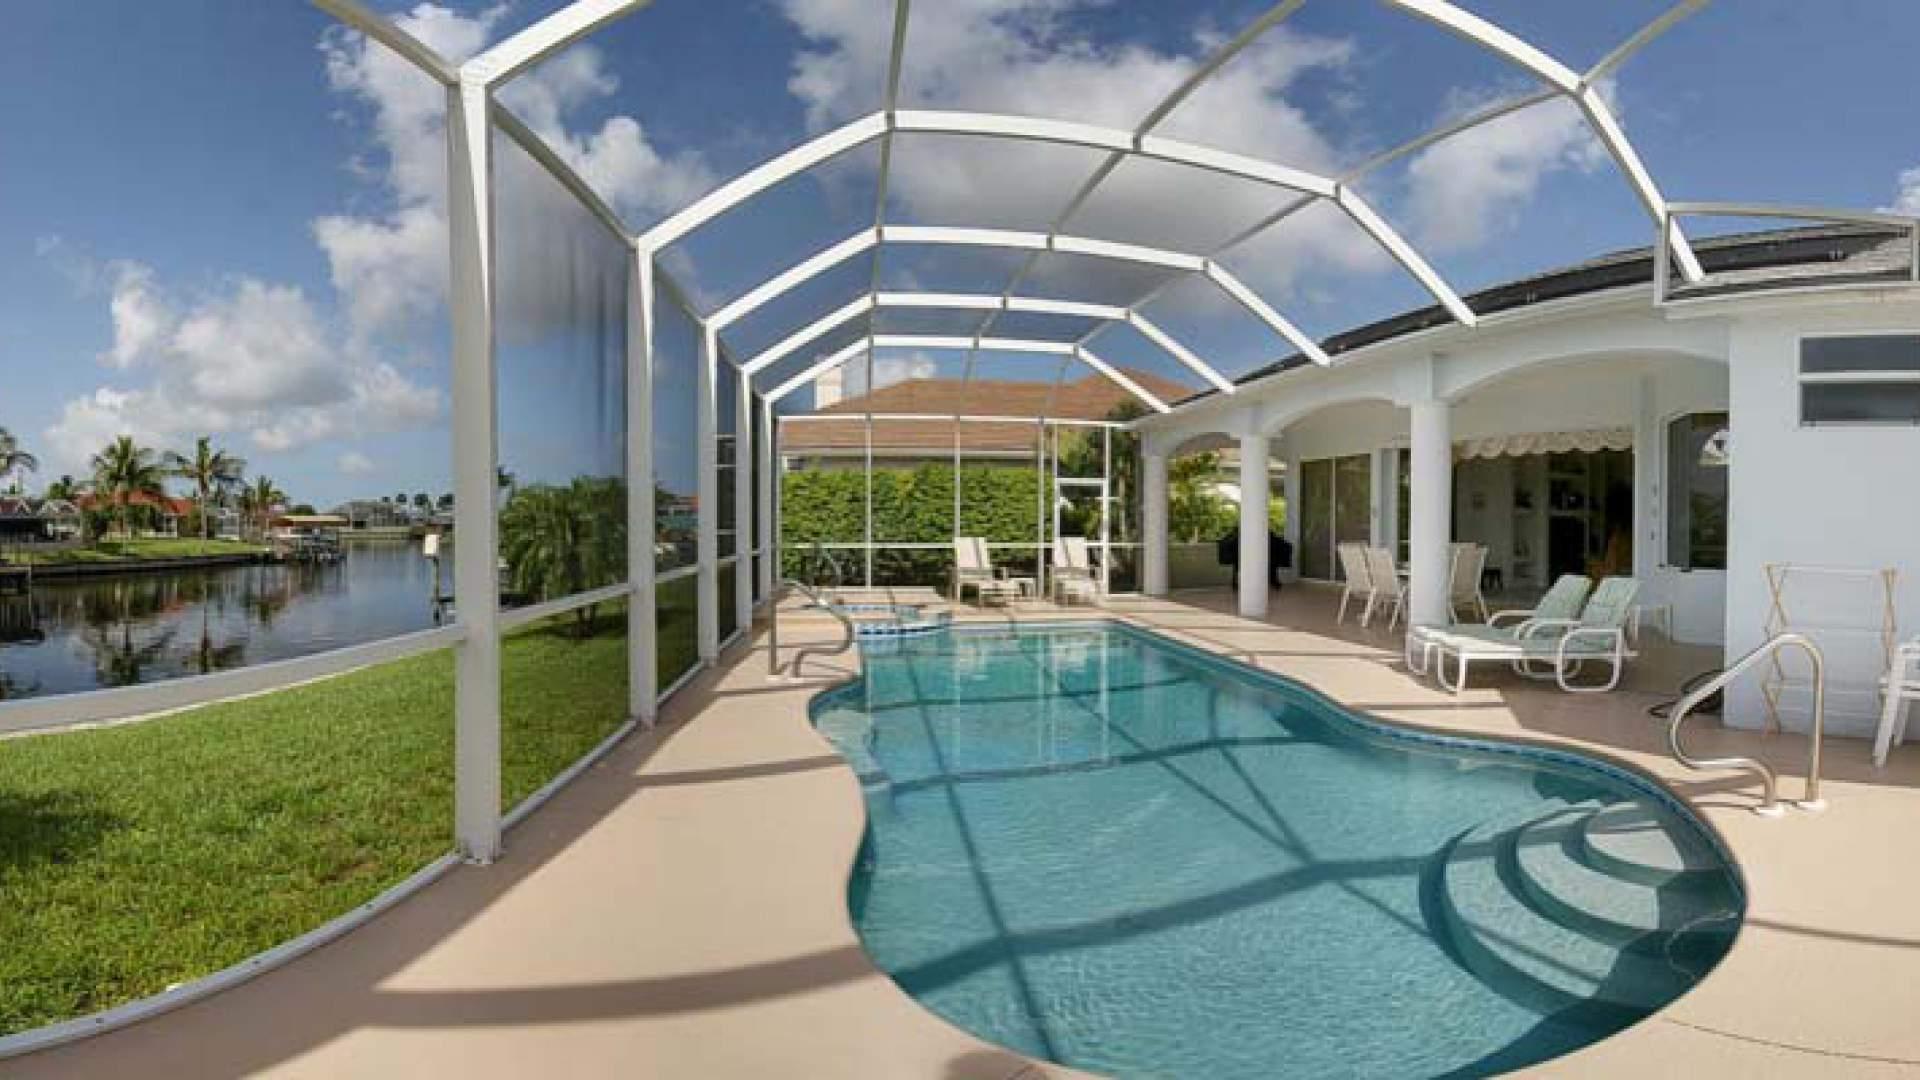 Pool und Spa haben eine Solarheizung